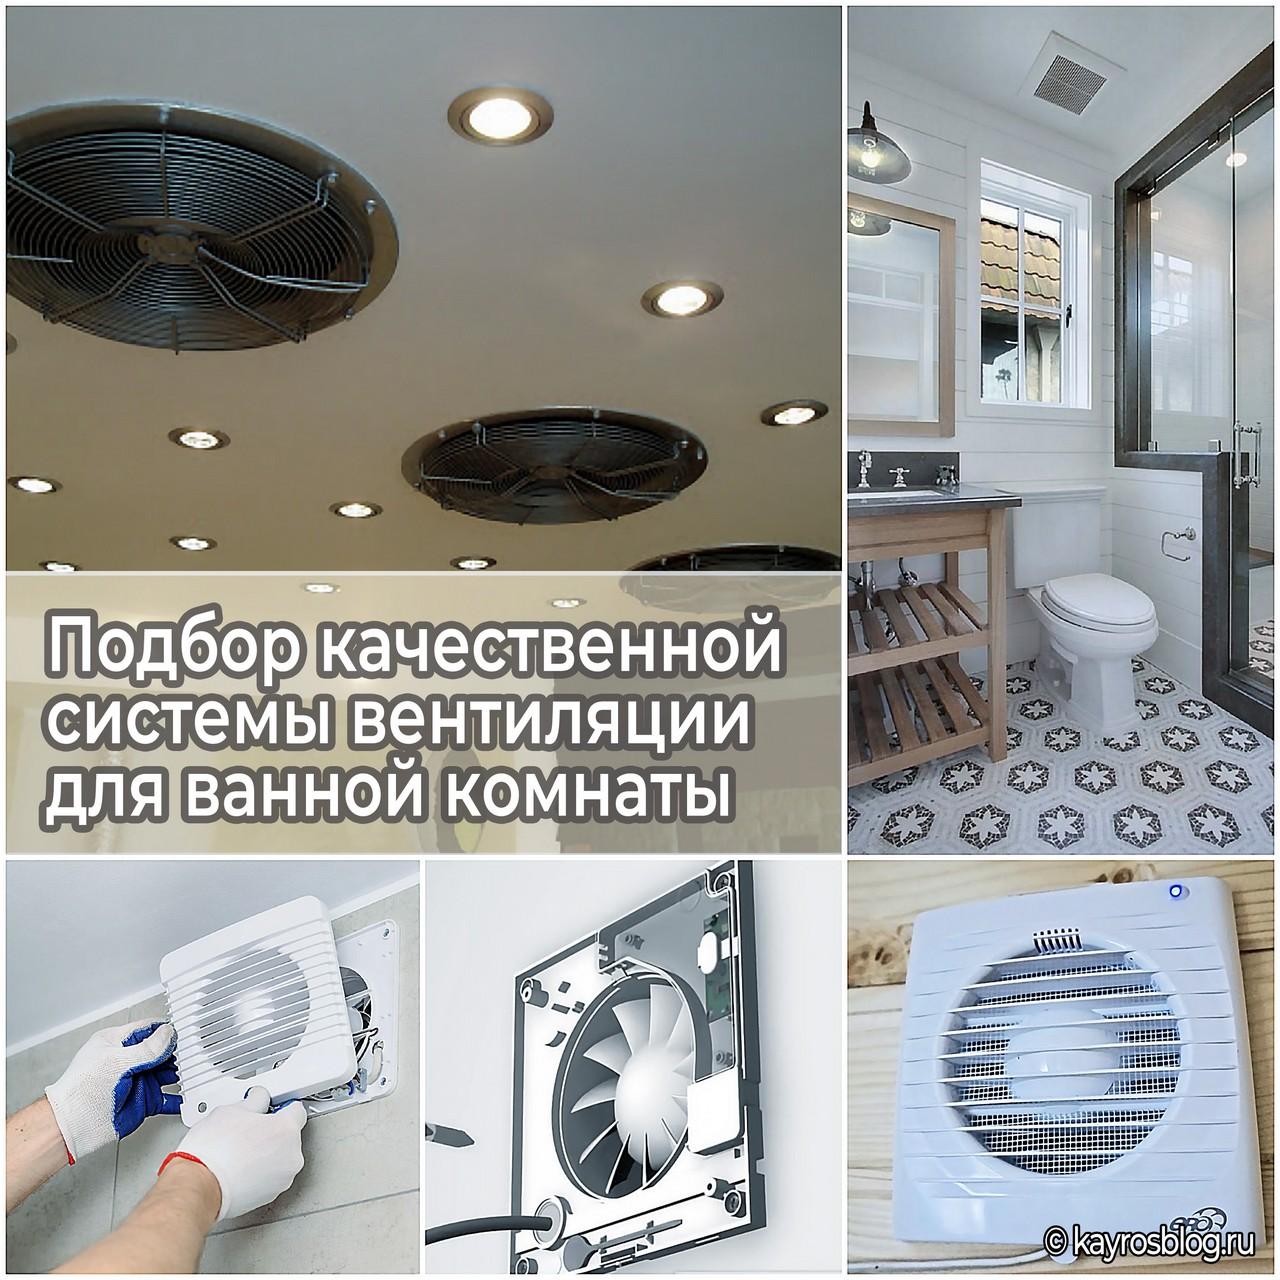 Подбор качественной системы вентиляции для ванной комнаты